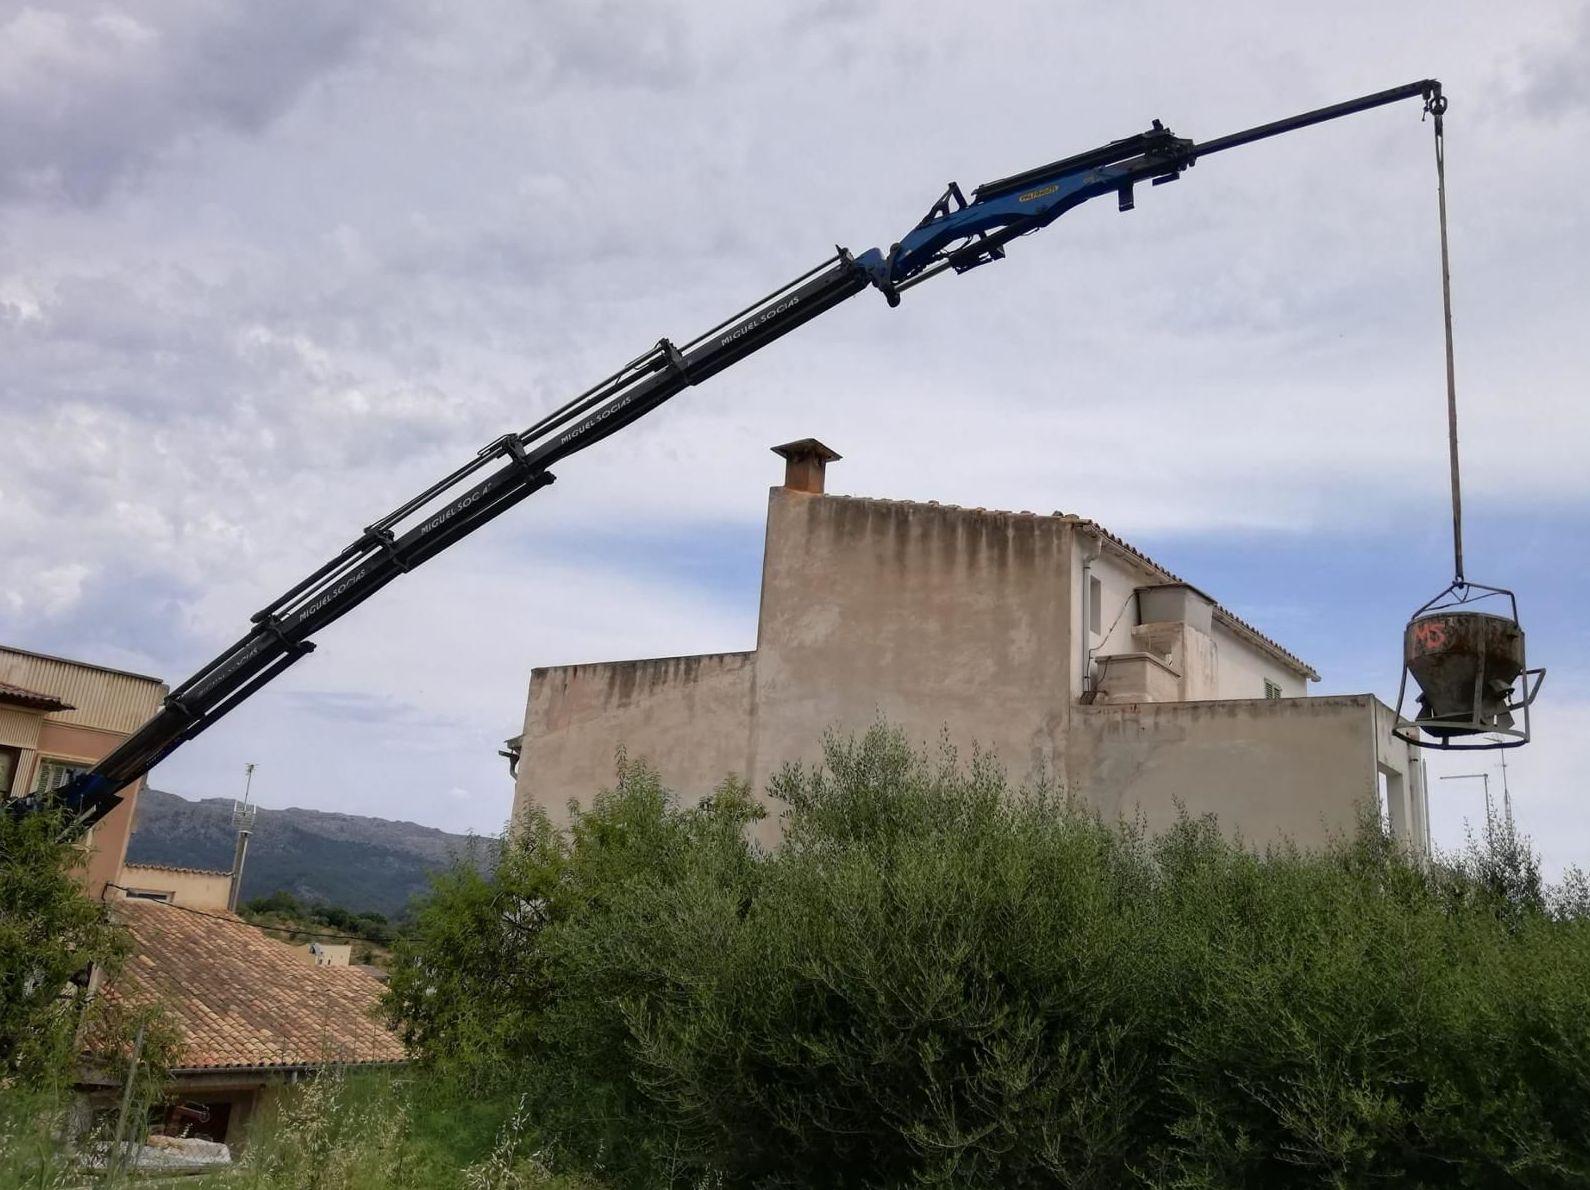 Foto 11 de Transporte y materiales de construcción en Campanet | Transportes Miguel Socias e Hijos